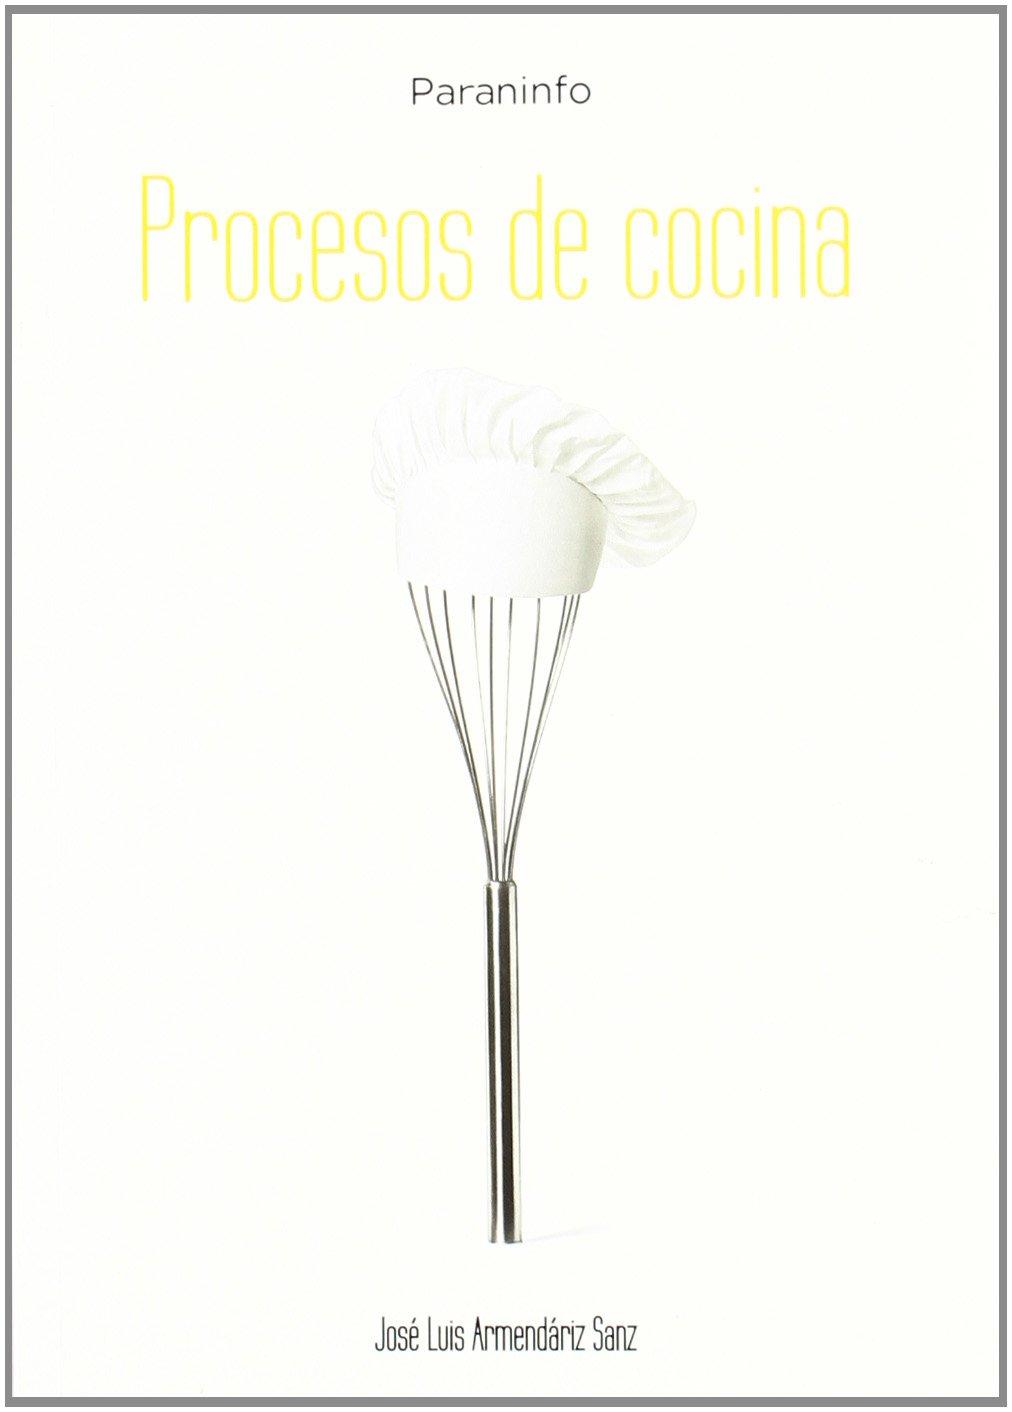 Procesos de cocina: Amazon.es: ARMENDÁRIZ SANZ, JOSÉ LUIS: Libros